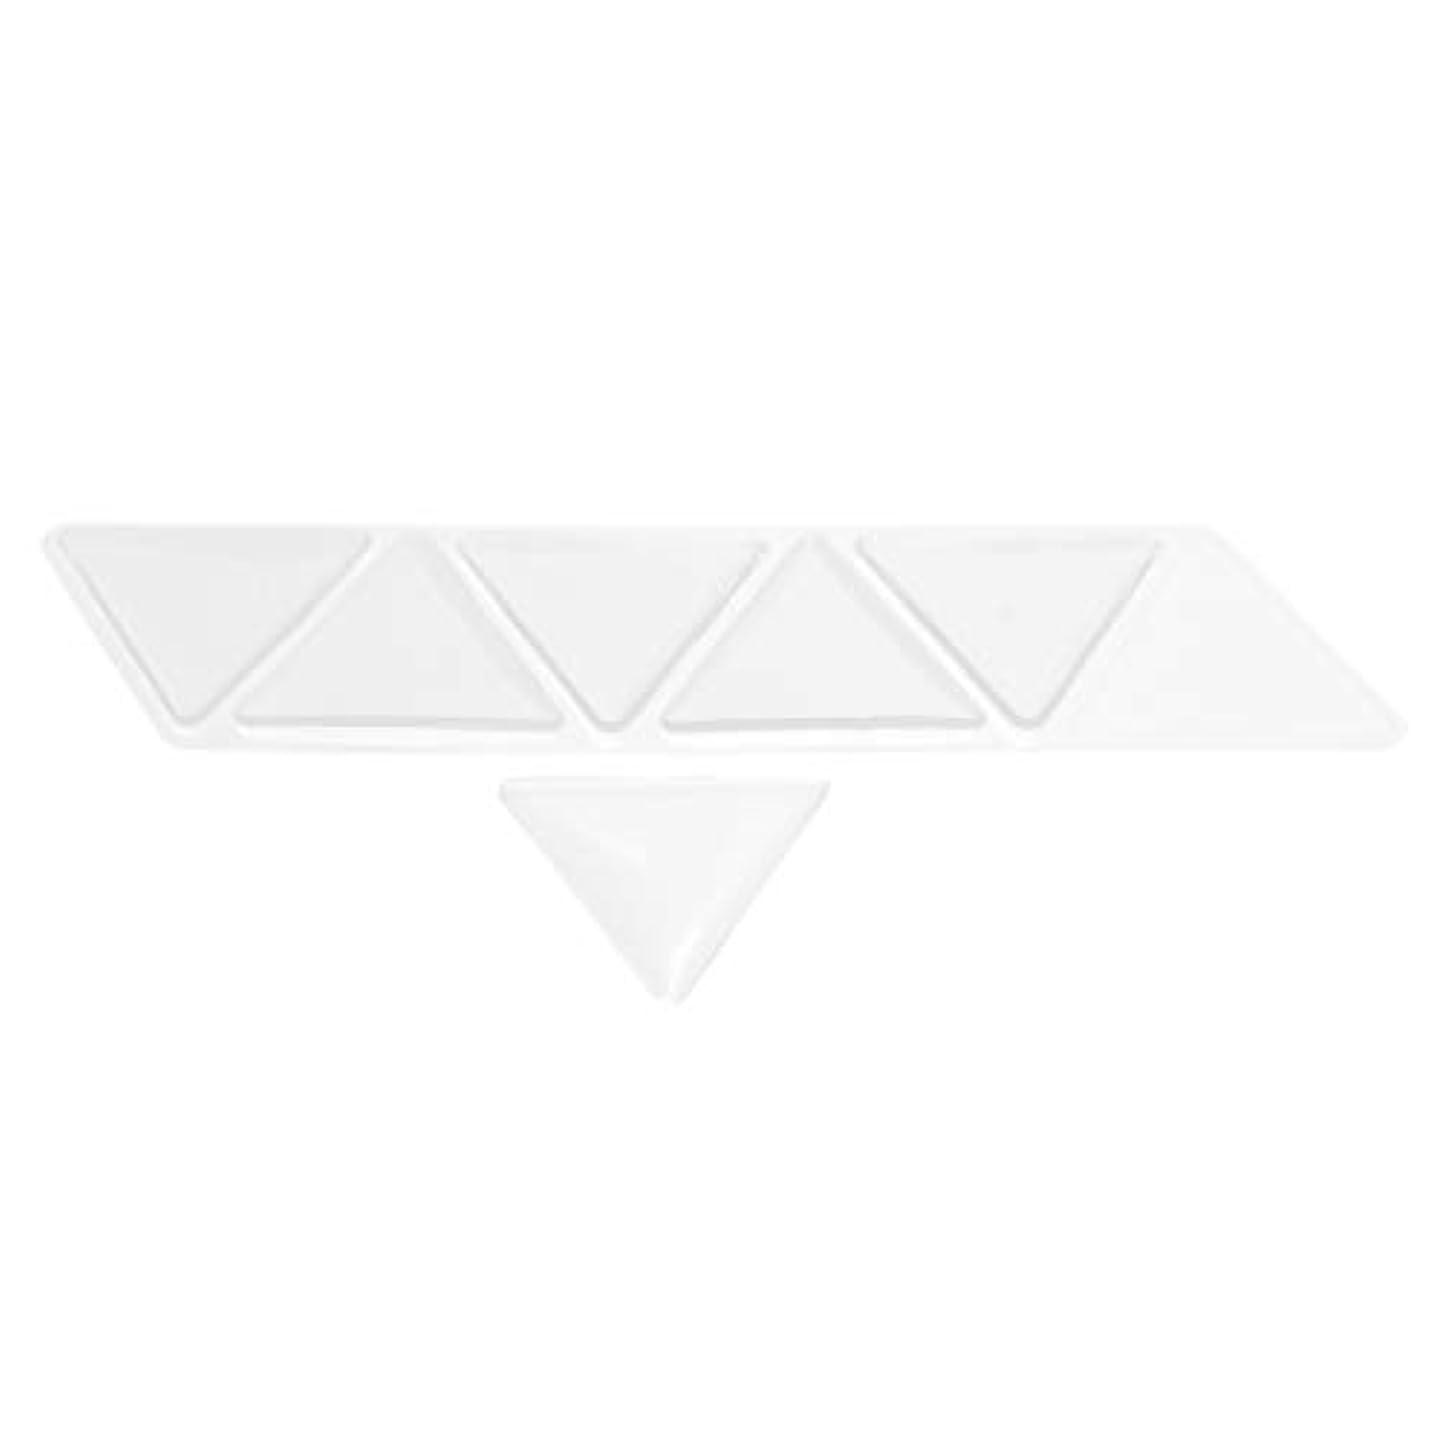 オッズ横向き観察額パッド シリコン 透明 額スキンケア 再利用可能な 目に見えない 三角パッド 6個セット